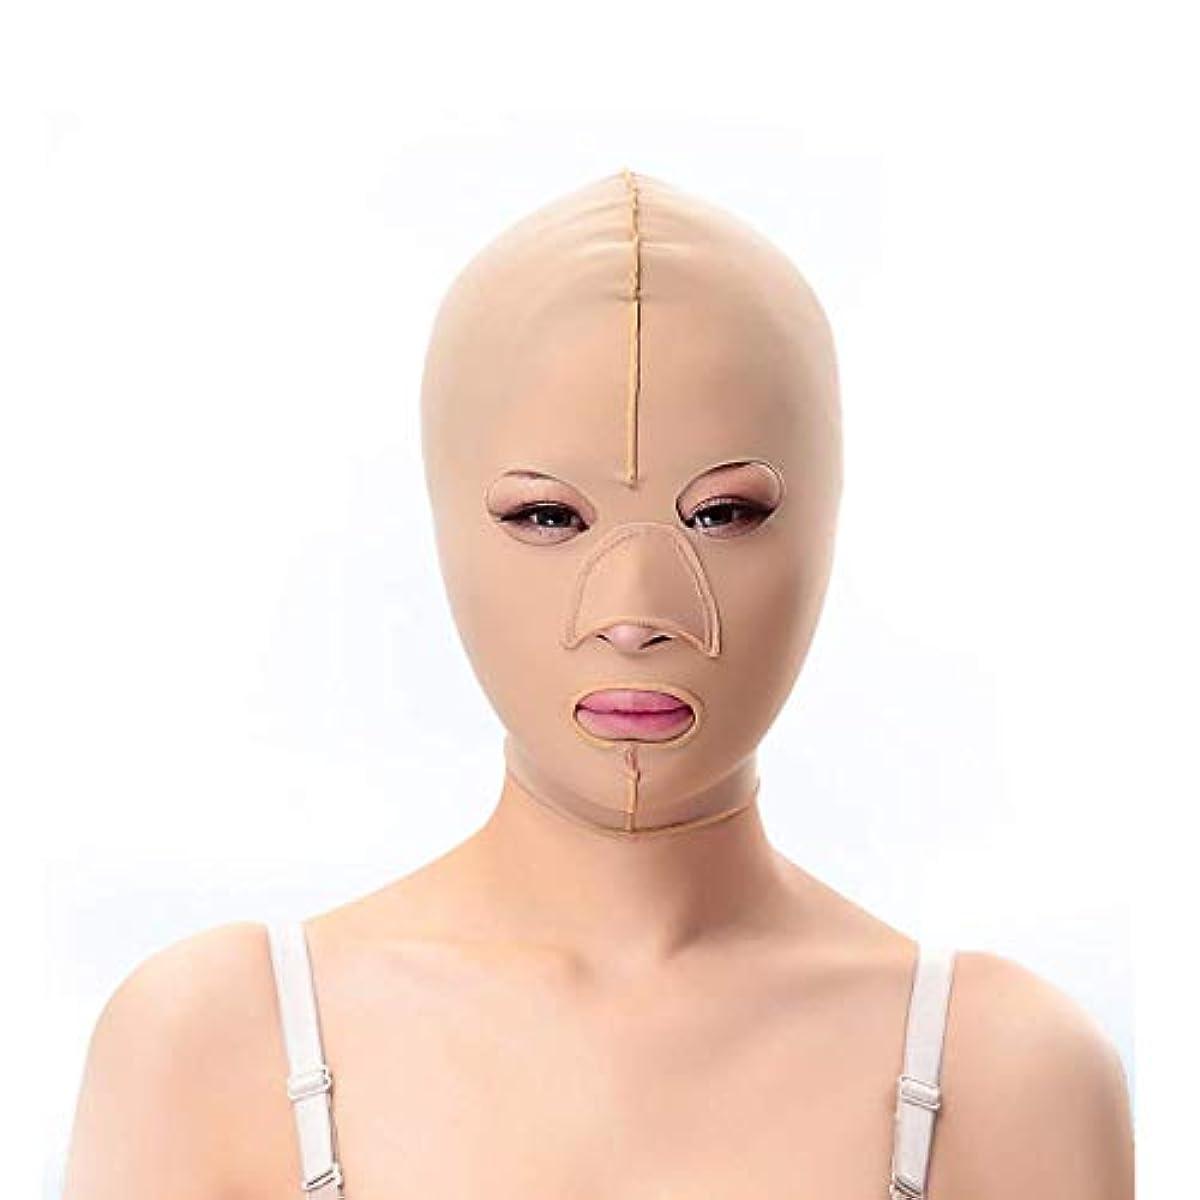 びっくりした収束する暗殺スリミングベルト、二重あごの引き締め顔のプラスチックフェイスアーティファクト強力なフェイス包帯を脇に持ち上げるパターンを欺くためのフェイシャルマスクシンフェイスマスク(サイズ:L),ザ?